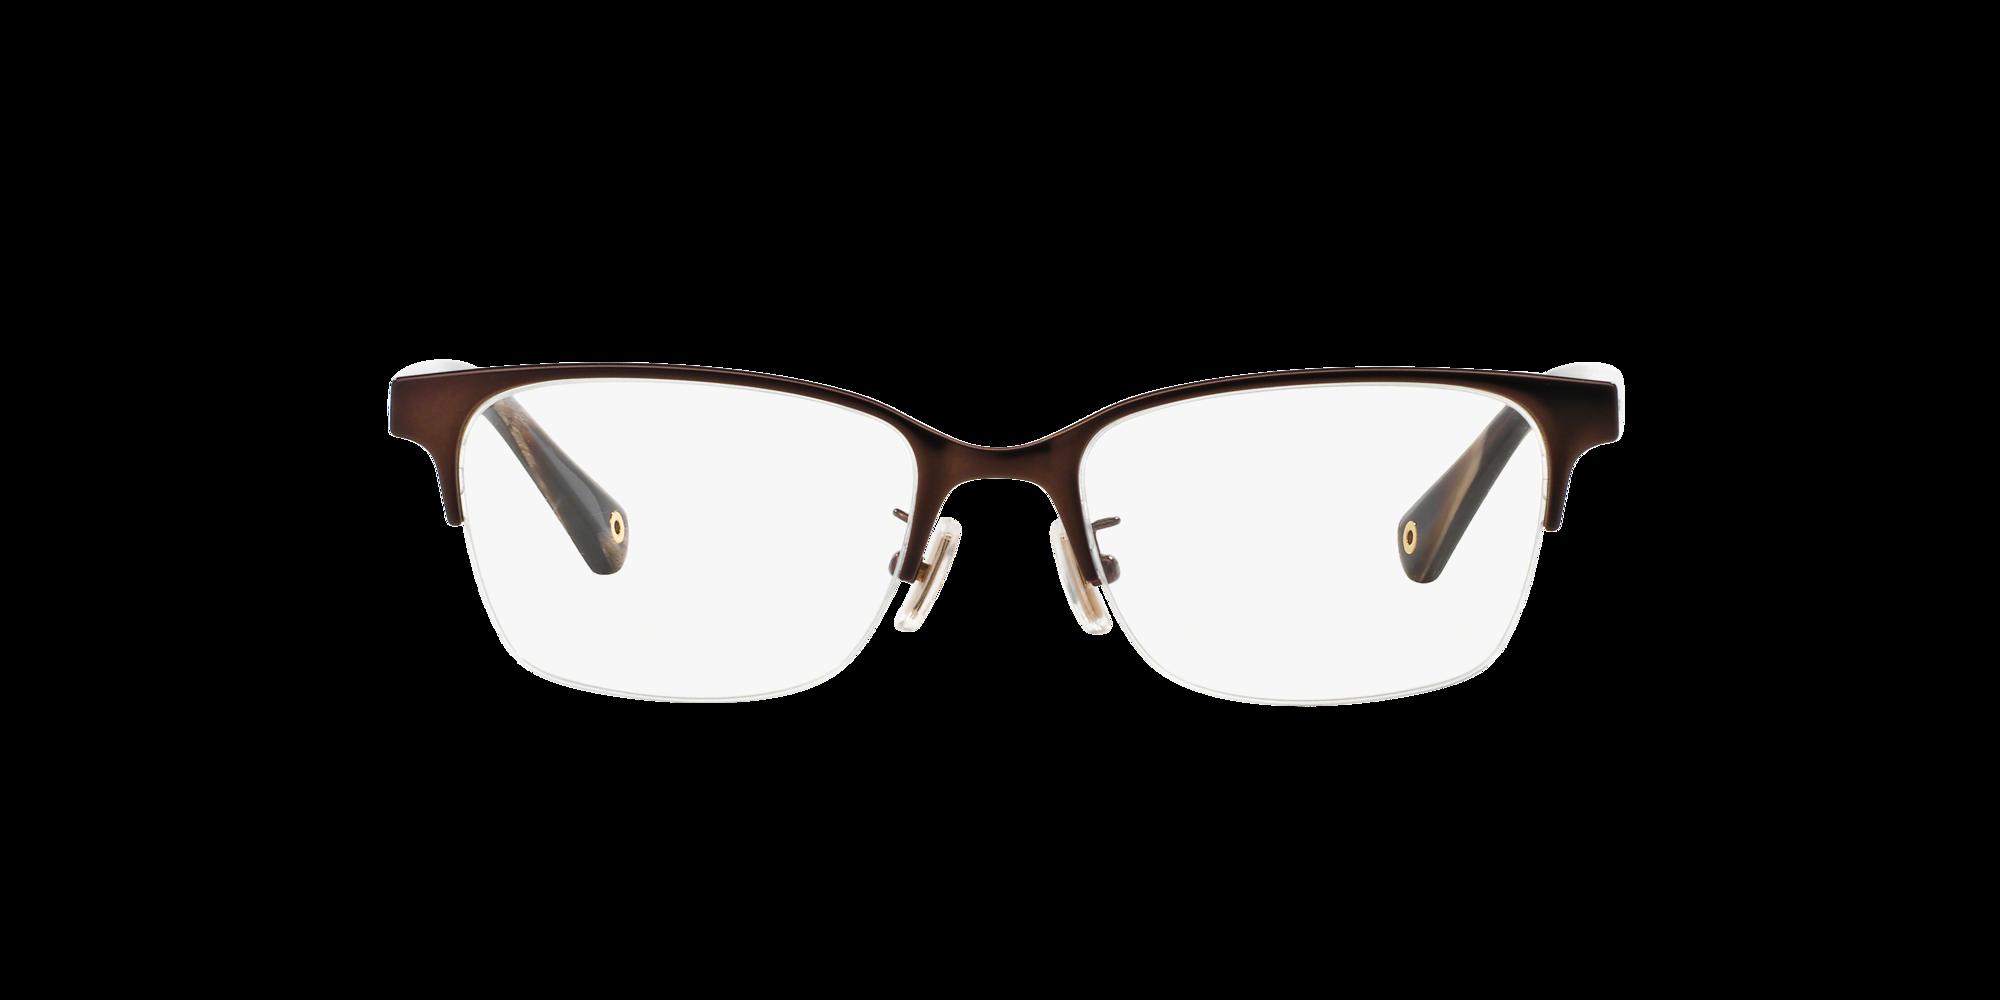 Imagen para HC5047 de LensCrafters |  Espejuelos, espejuelos graduados en línea, gafas